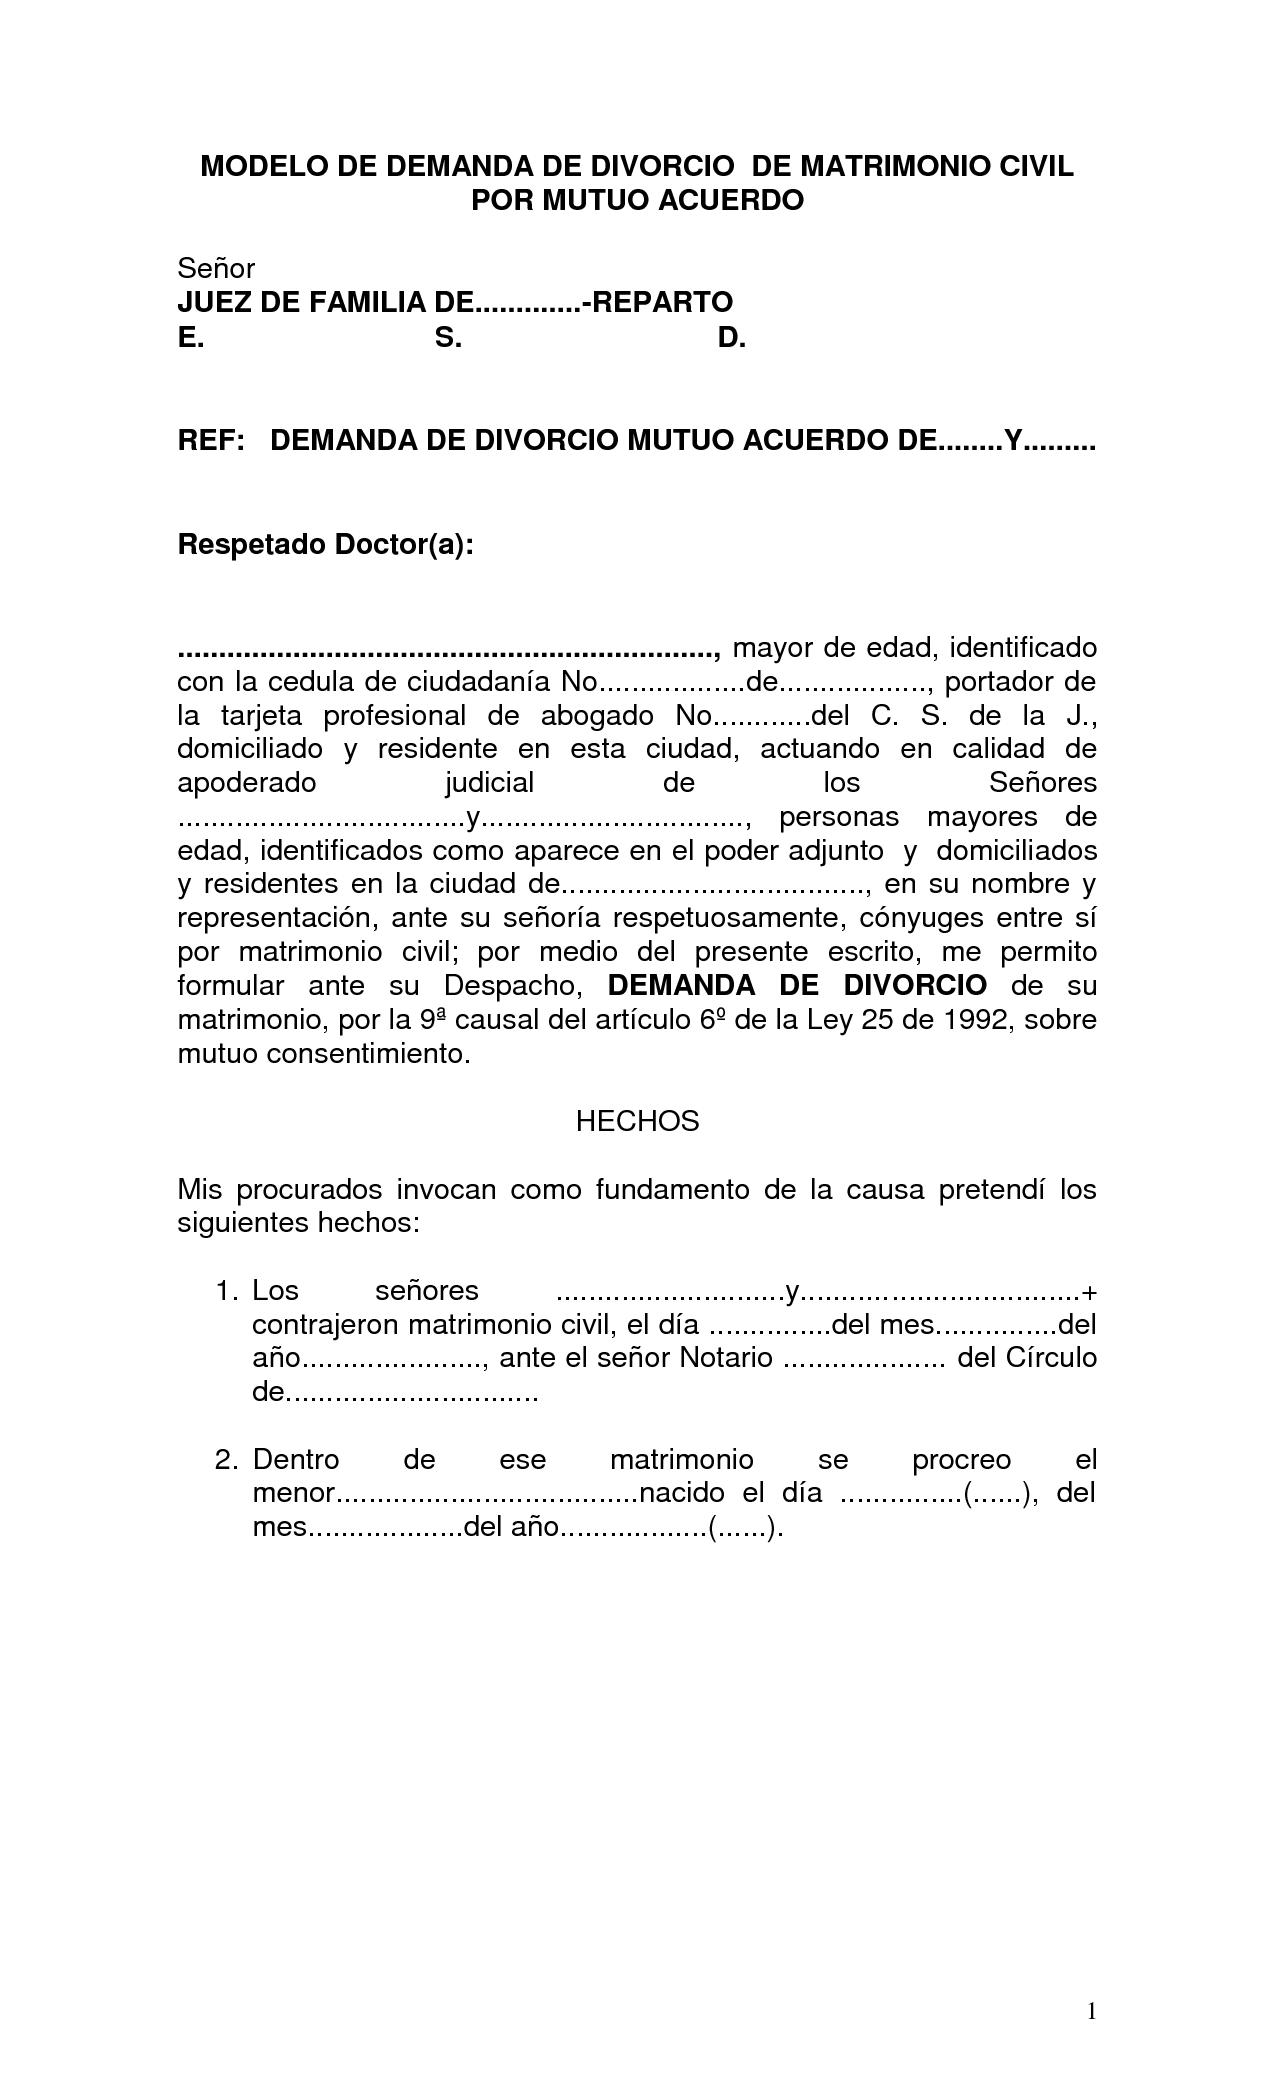 5- Modelo de demanda de divorcio de matrimonio civil por mutuo acuerdo. Se trata del escrito inicial mediante el que  se inicia el procedimiento de divorcio de mutuo acuerdo.Debe ir firmado por abogado y procurador. Si los cónyuges están de acuerdo, podrán valerse de un solo abogado y procurador que los defienda y represente respectivamente. María José Maldonado Enciso 2 GAP TIPOLOGÍA: Documento de los ciudadanos